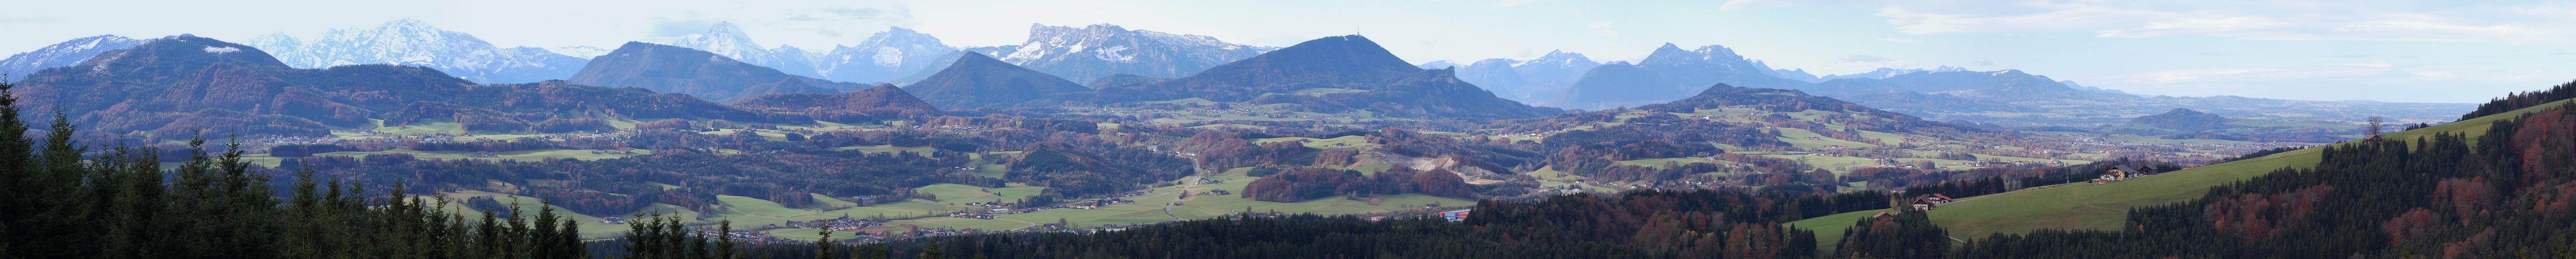 Thalgauberg-Westblickpano zu den Bayrischen Bergen